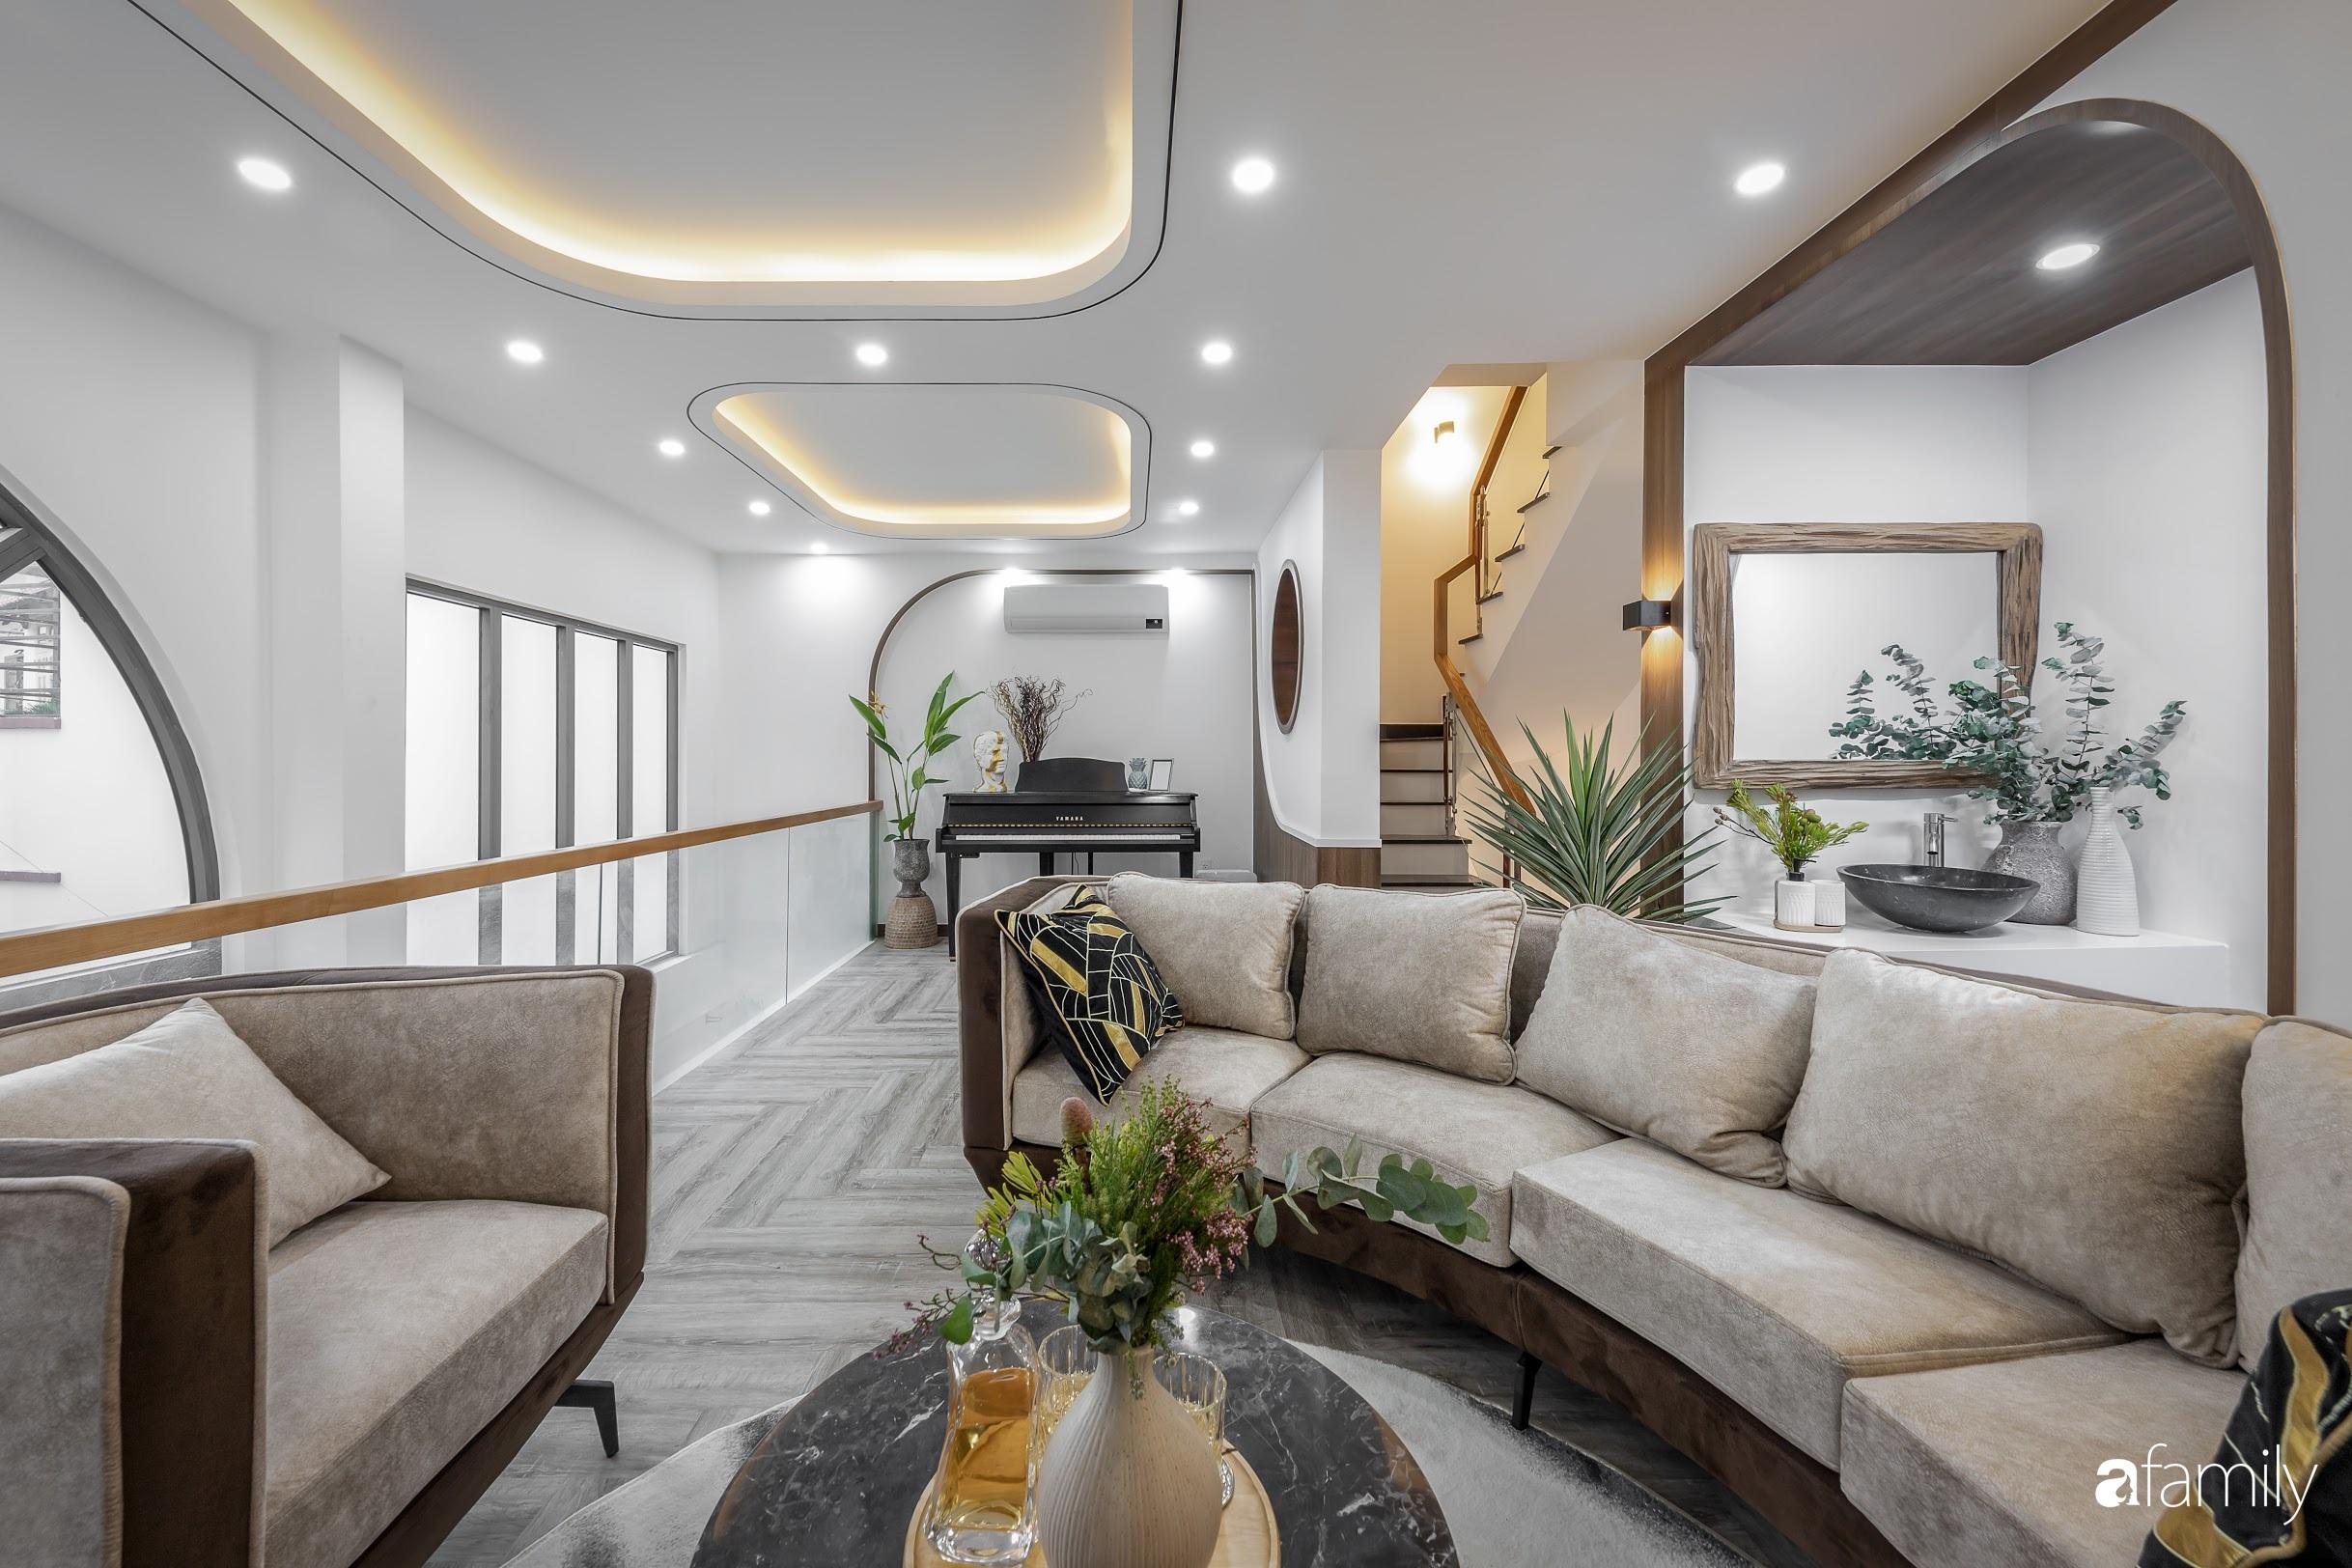 Căn nhà 5 tầng trong hẻm sang chảnh như resort cao cấp với chi phí thiết kế 900 triệu đồng ở TP HCMHCM - Ảnh 1.